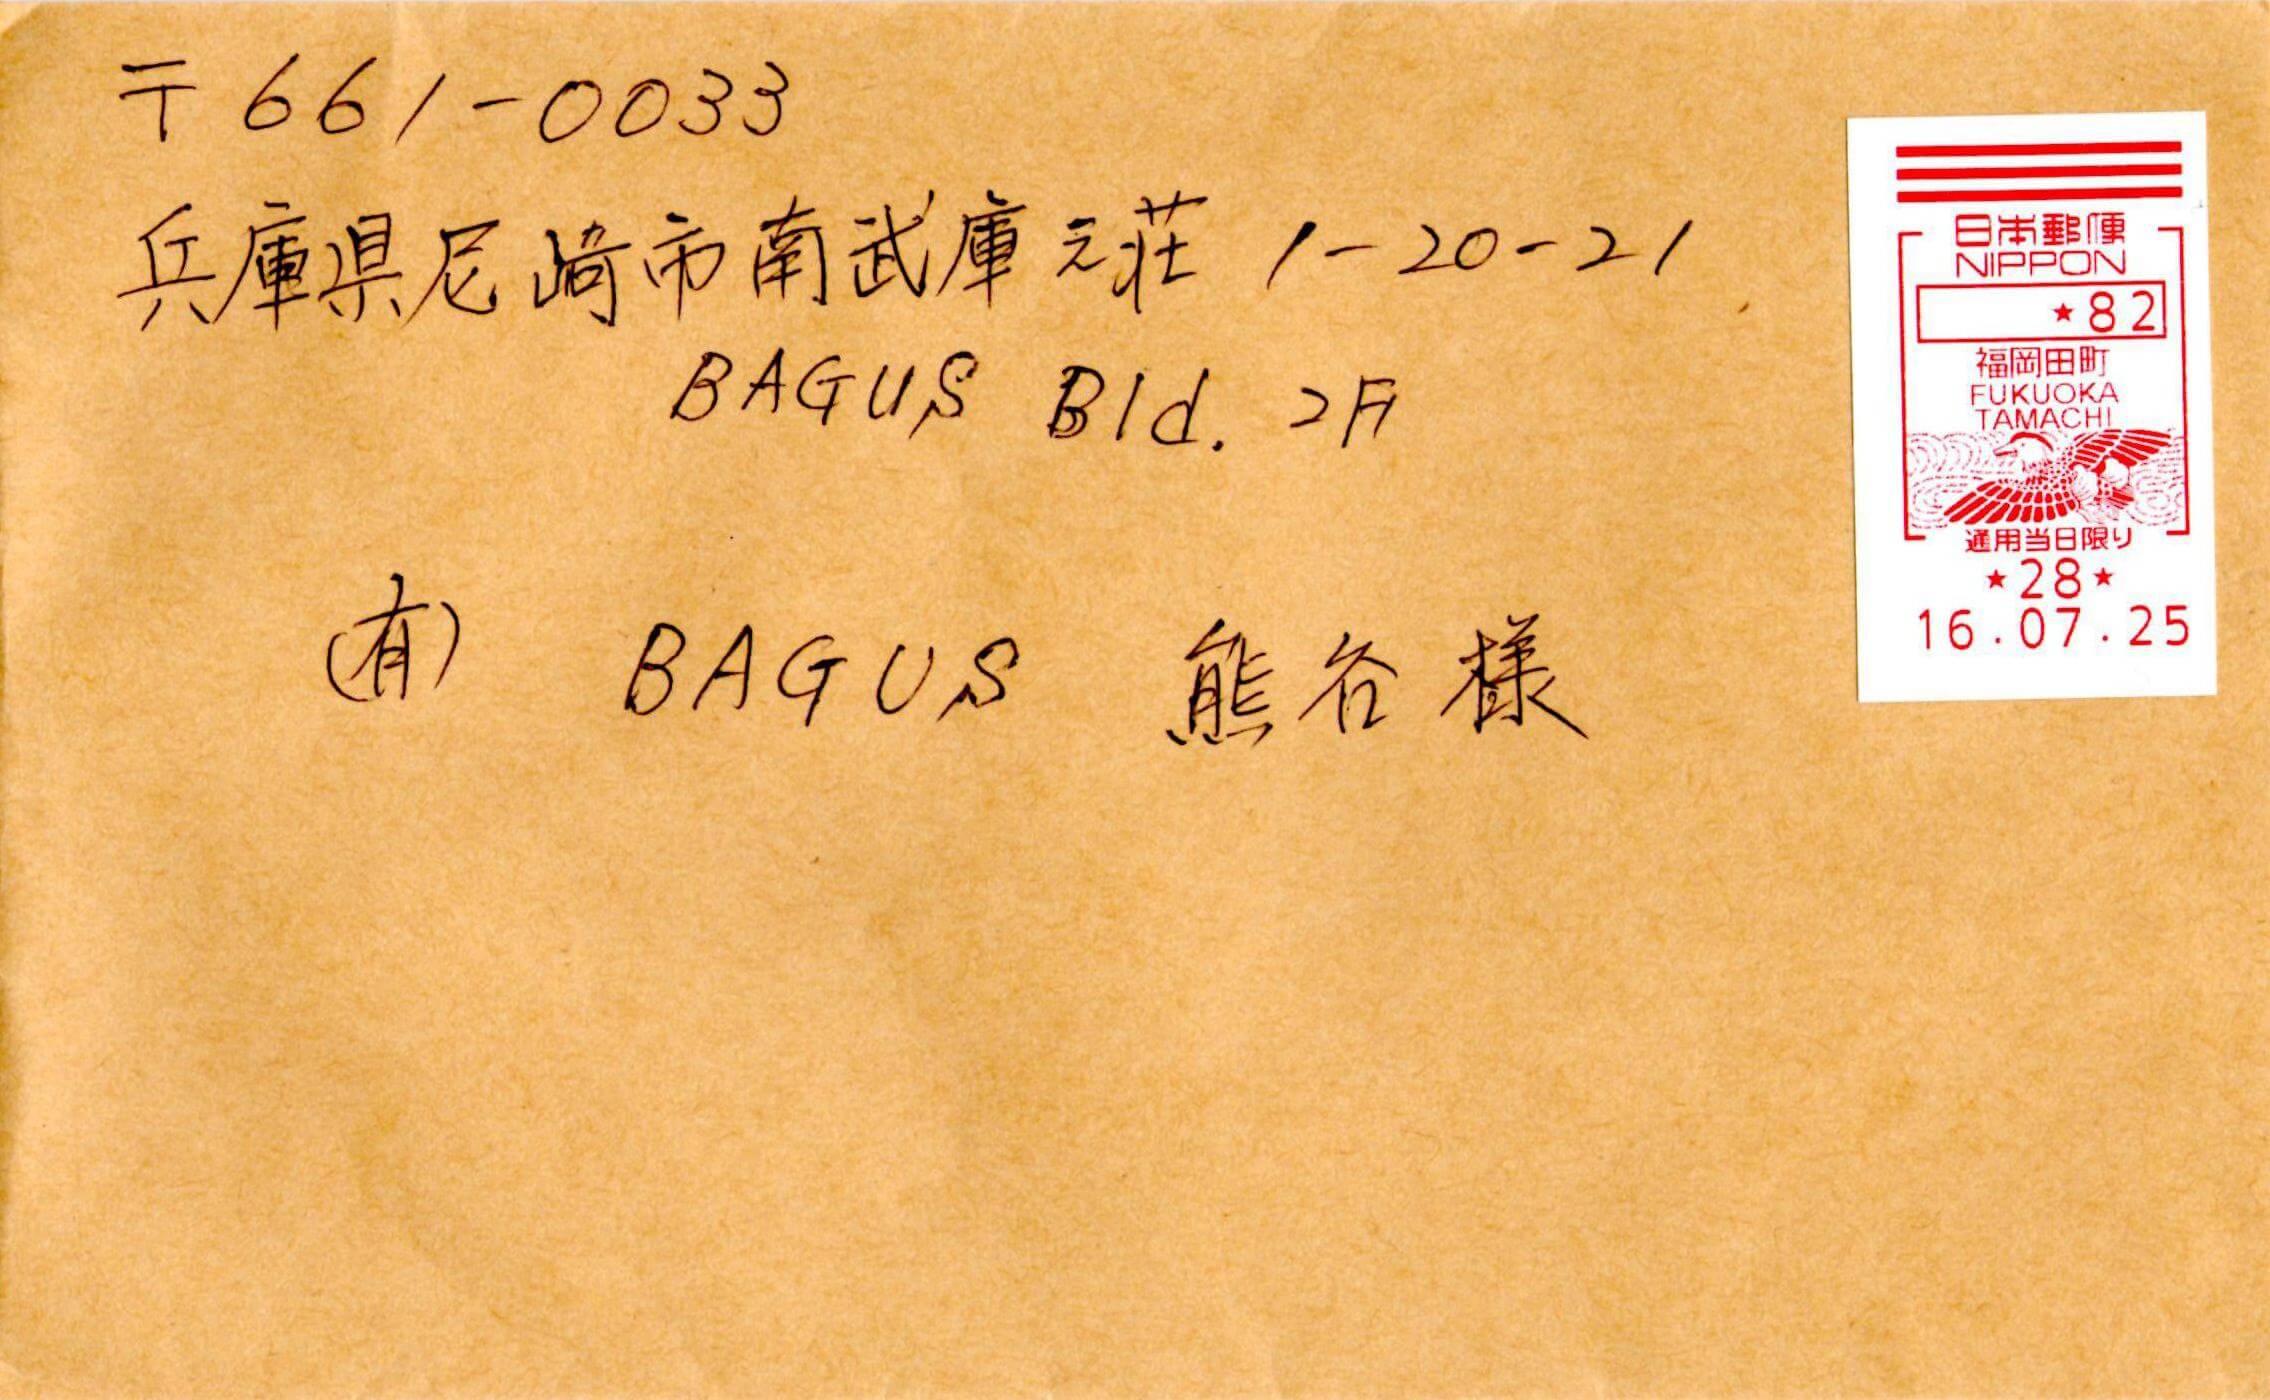 福岡県のお客さまから頂戴したお手紙